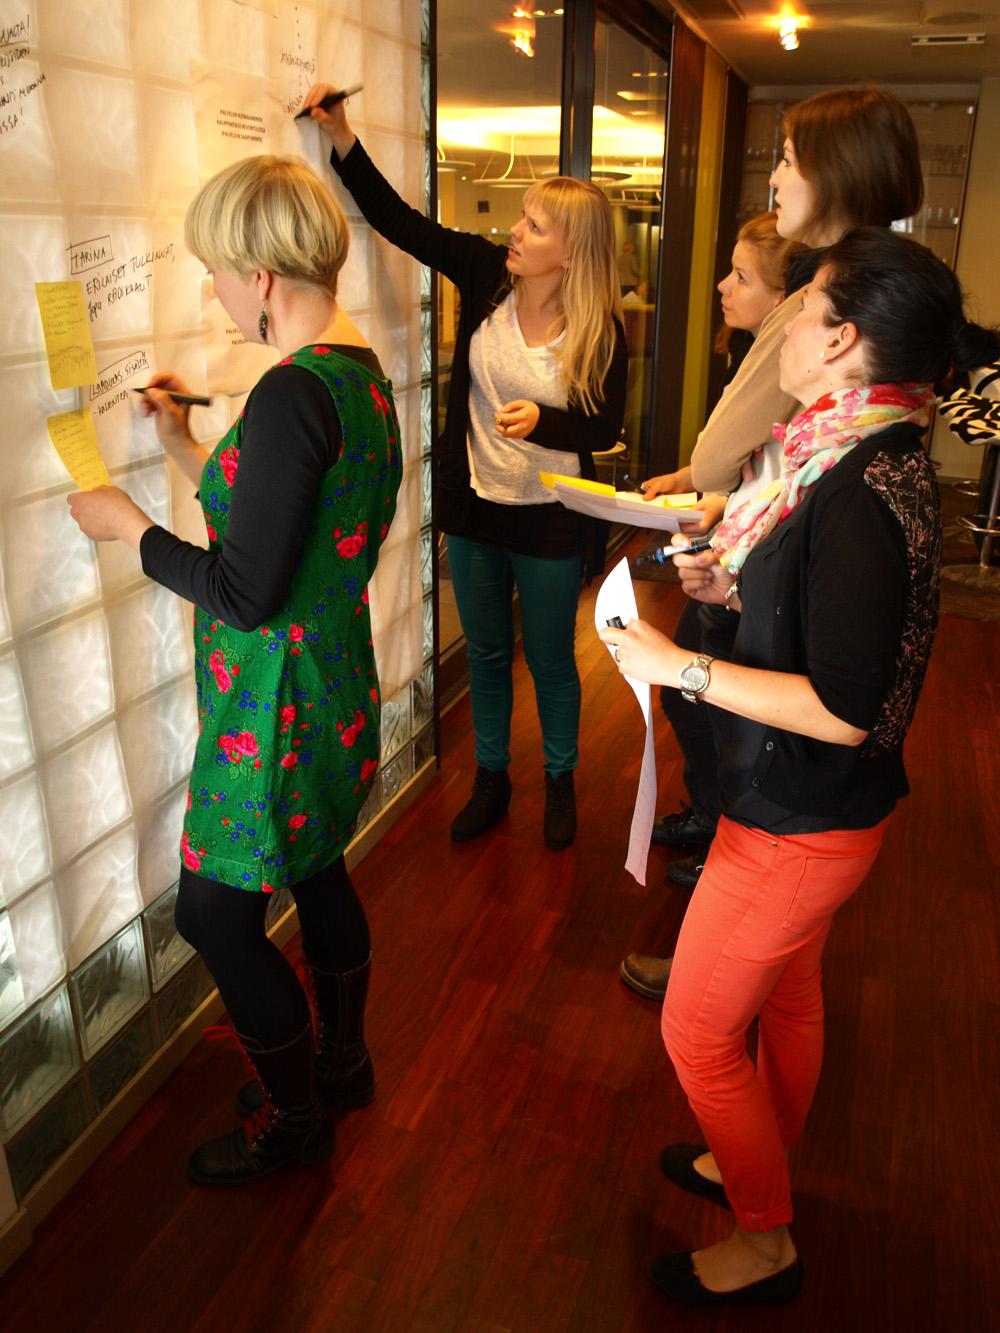 Palvelumuotoilupäivissä ideoitiin ja kehitettiin uusia kuvataiteen palveluja asiantuntijaryhmässä. (Kuvaaja: Merja Briñón)